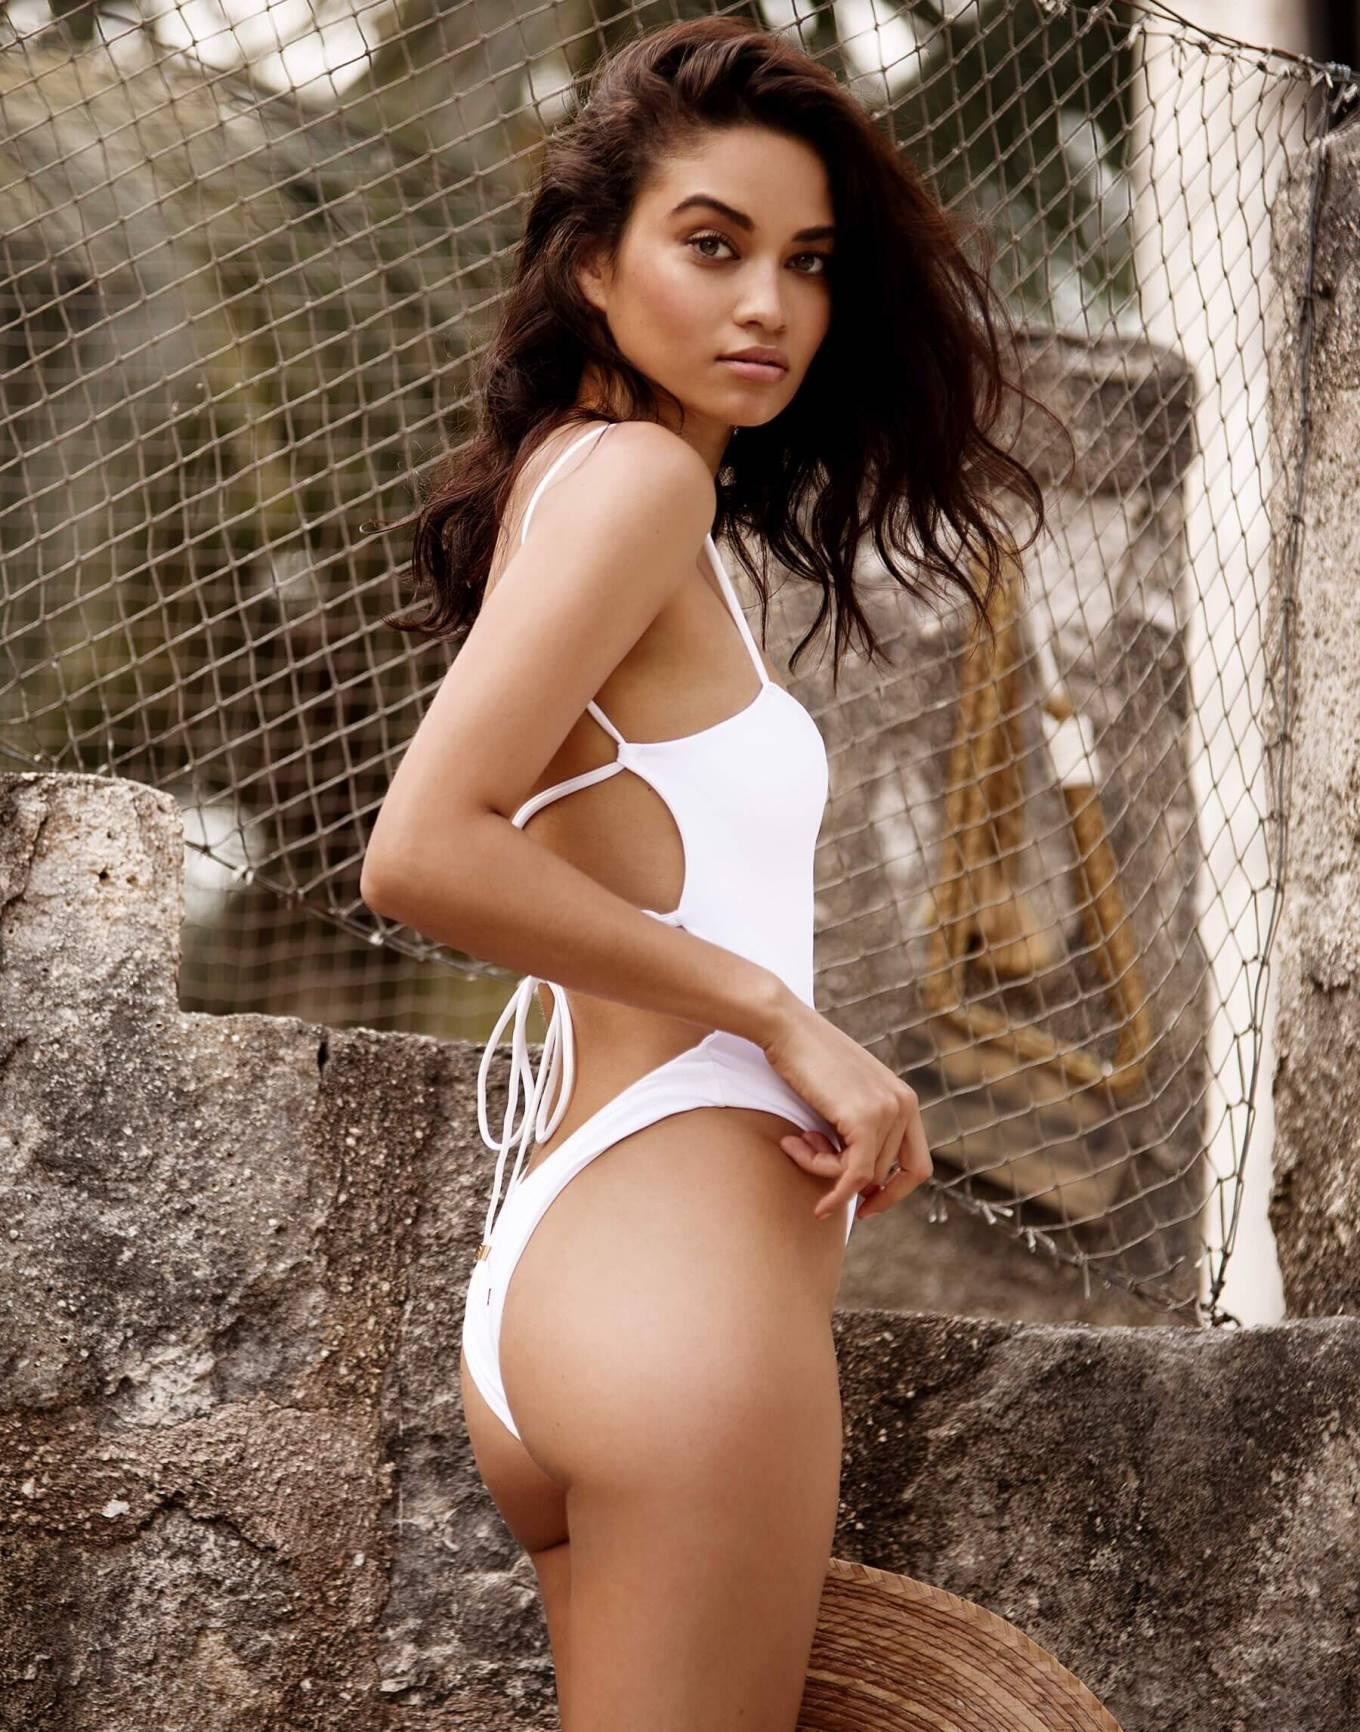 Shanina Shaik Hot Ass